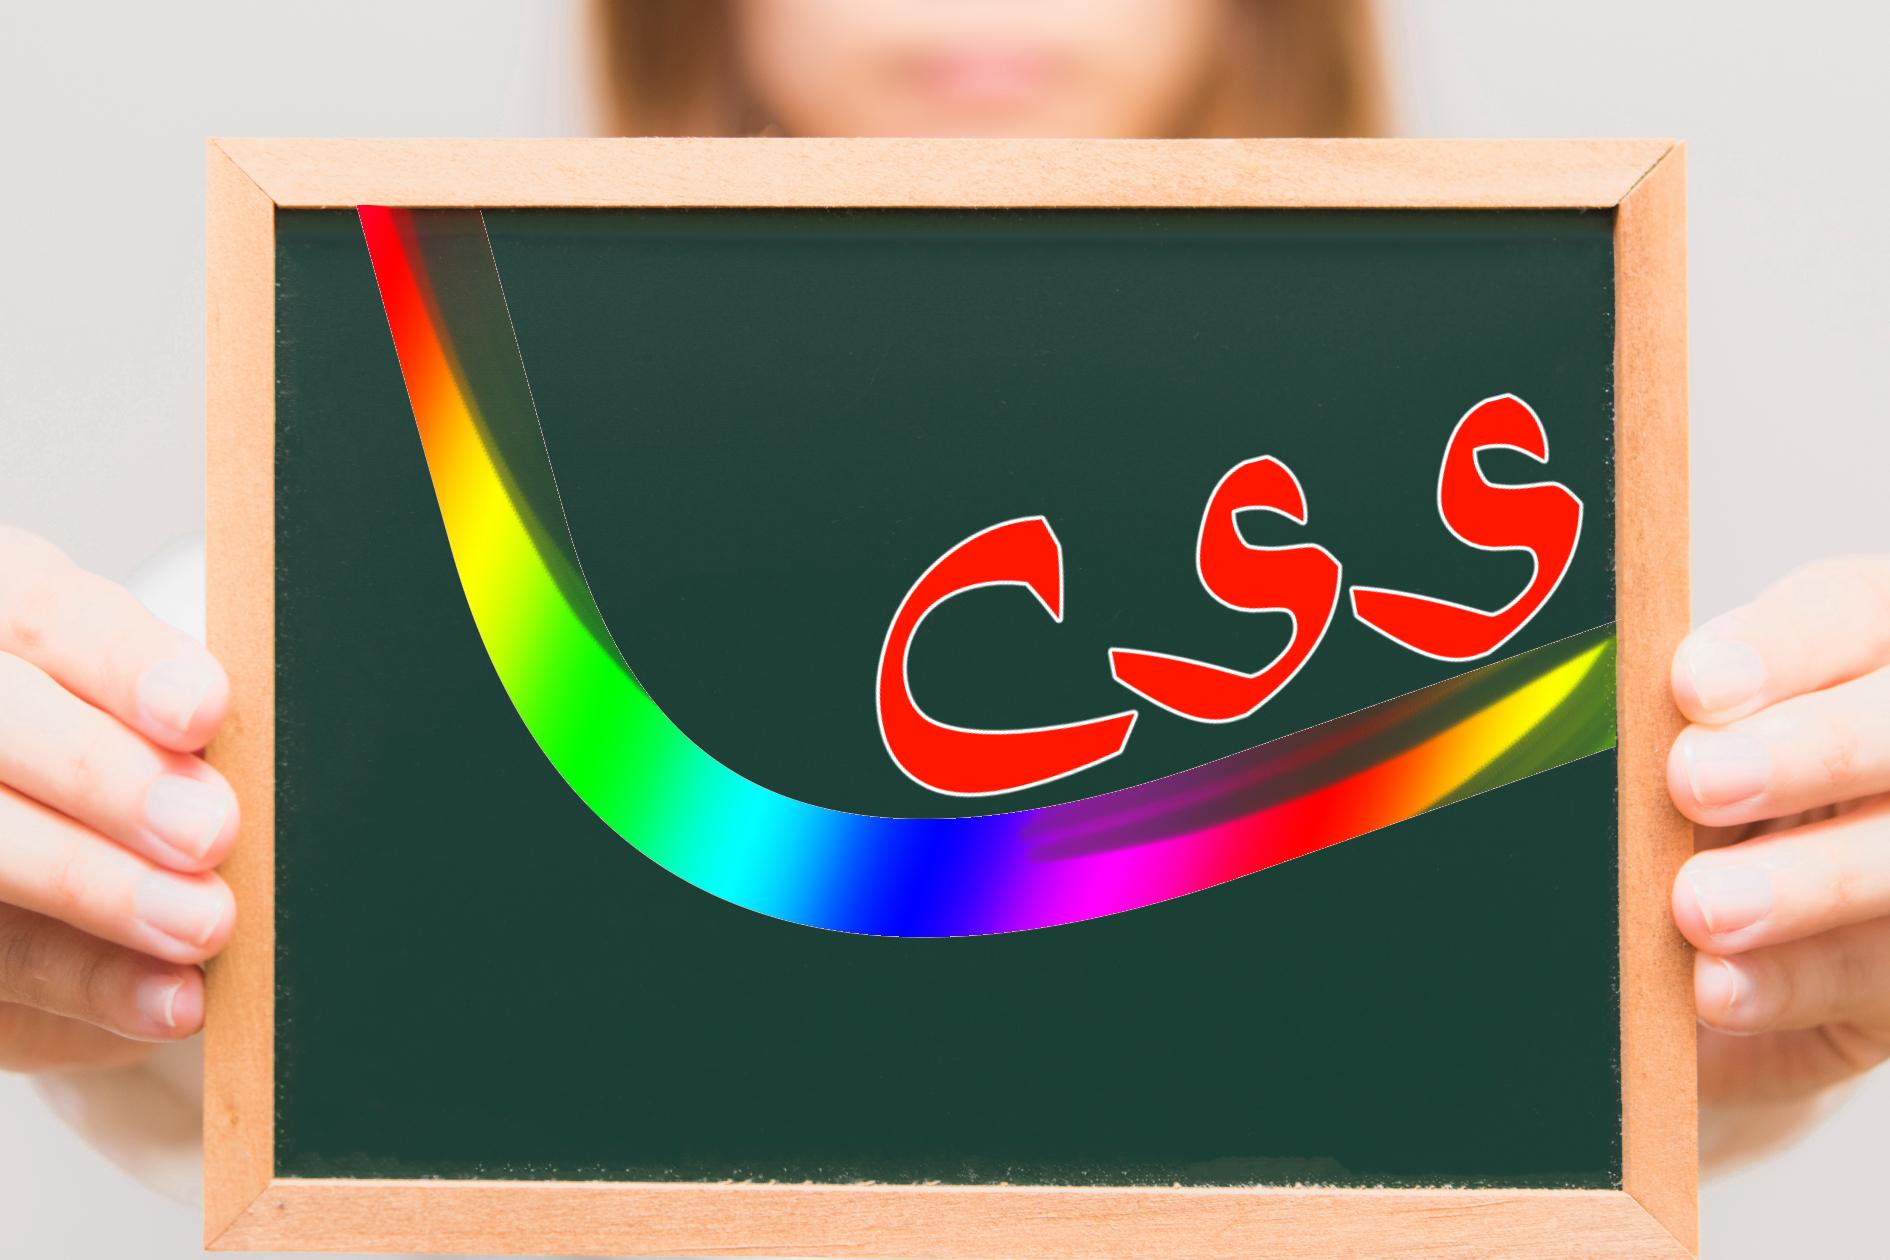 【CSS初心者向け!】角を丸くする方法をコードを交えて詳しく解説